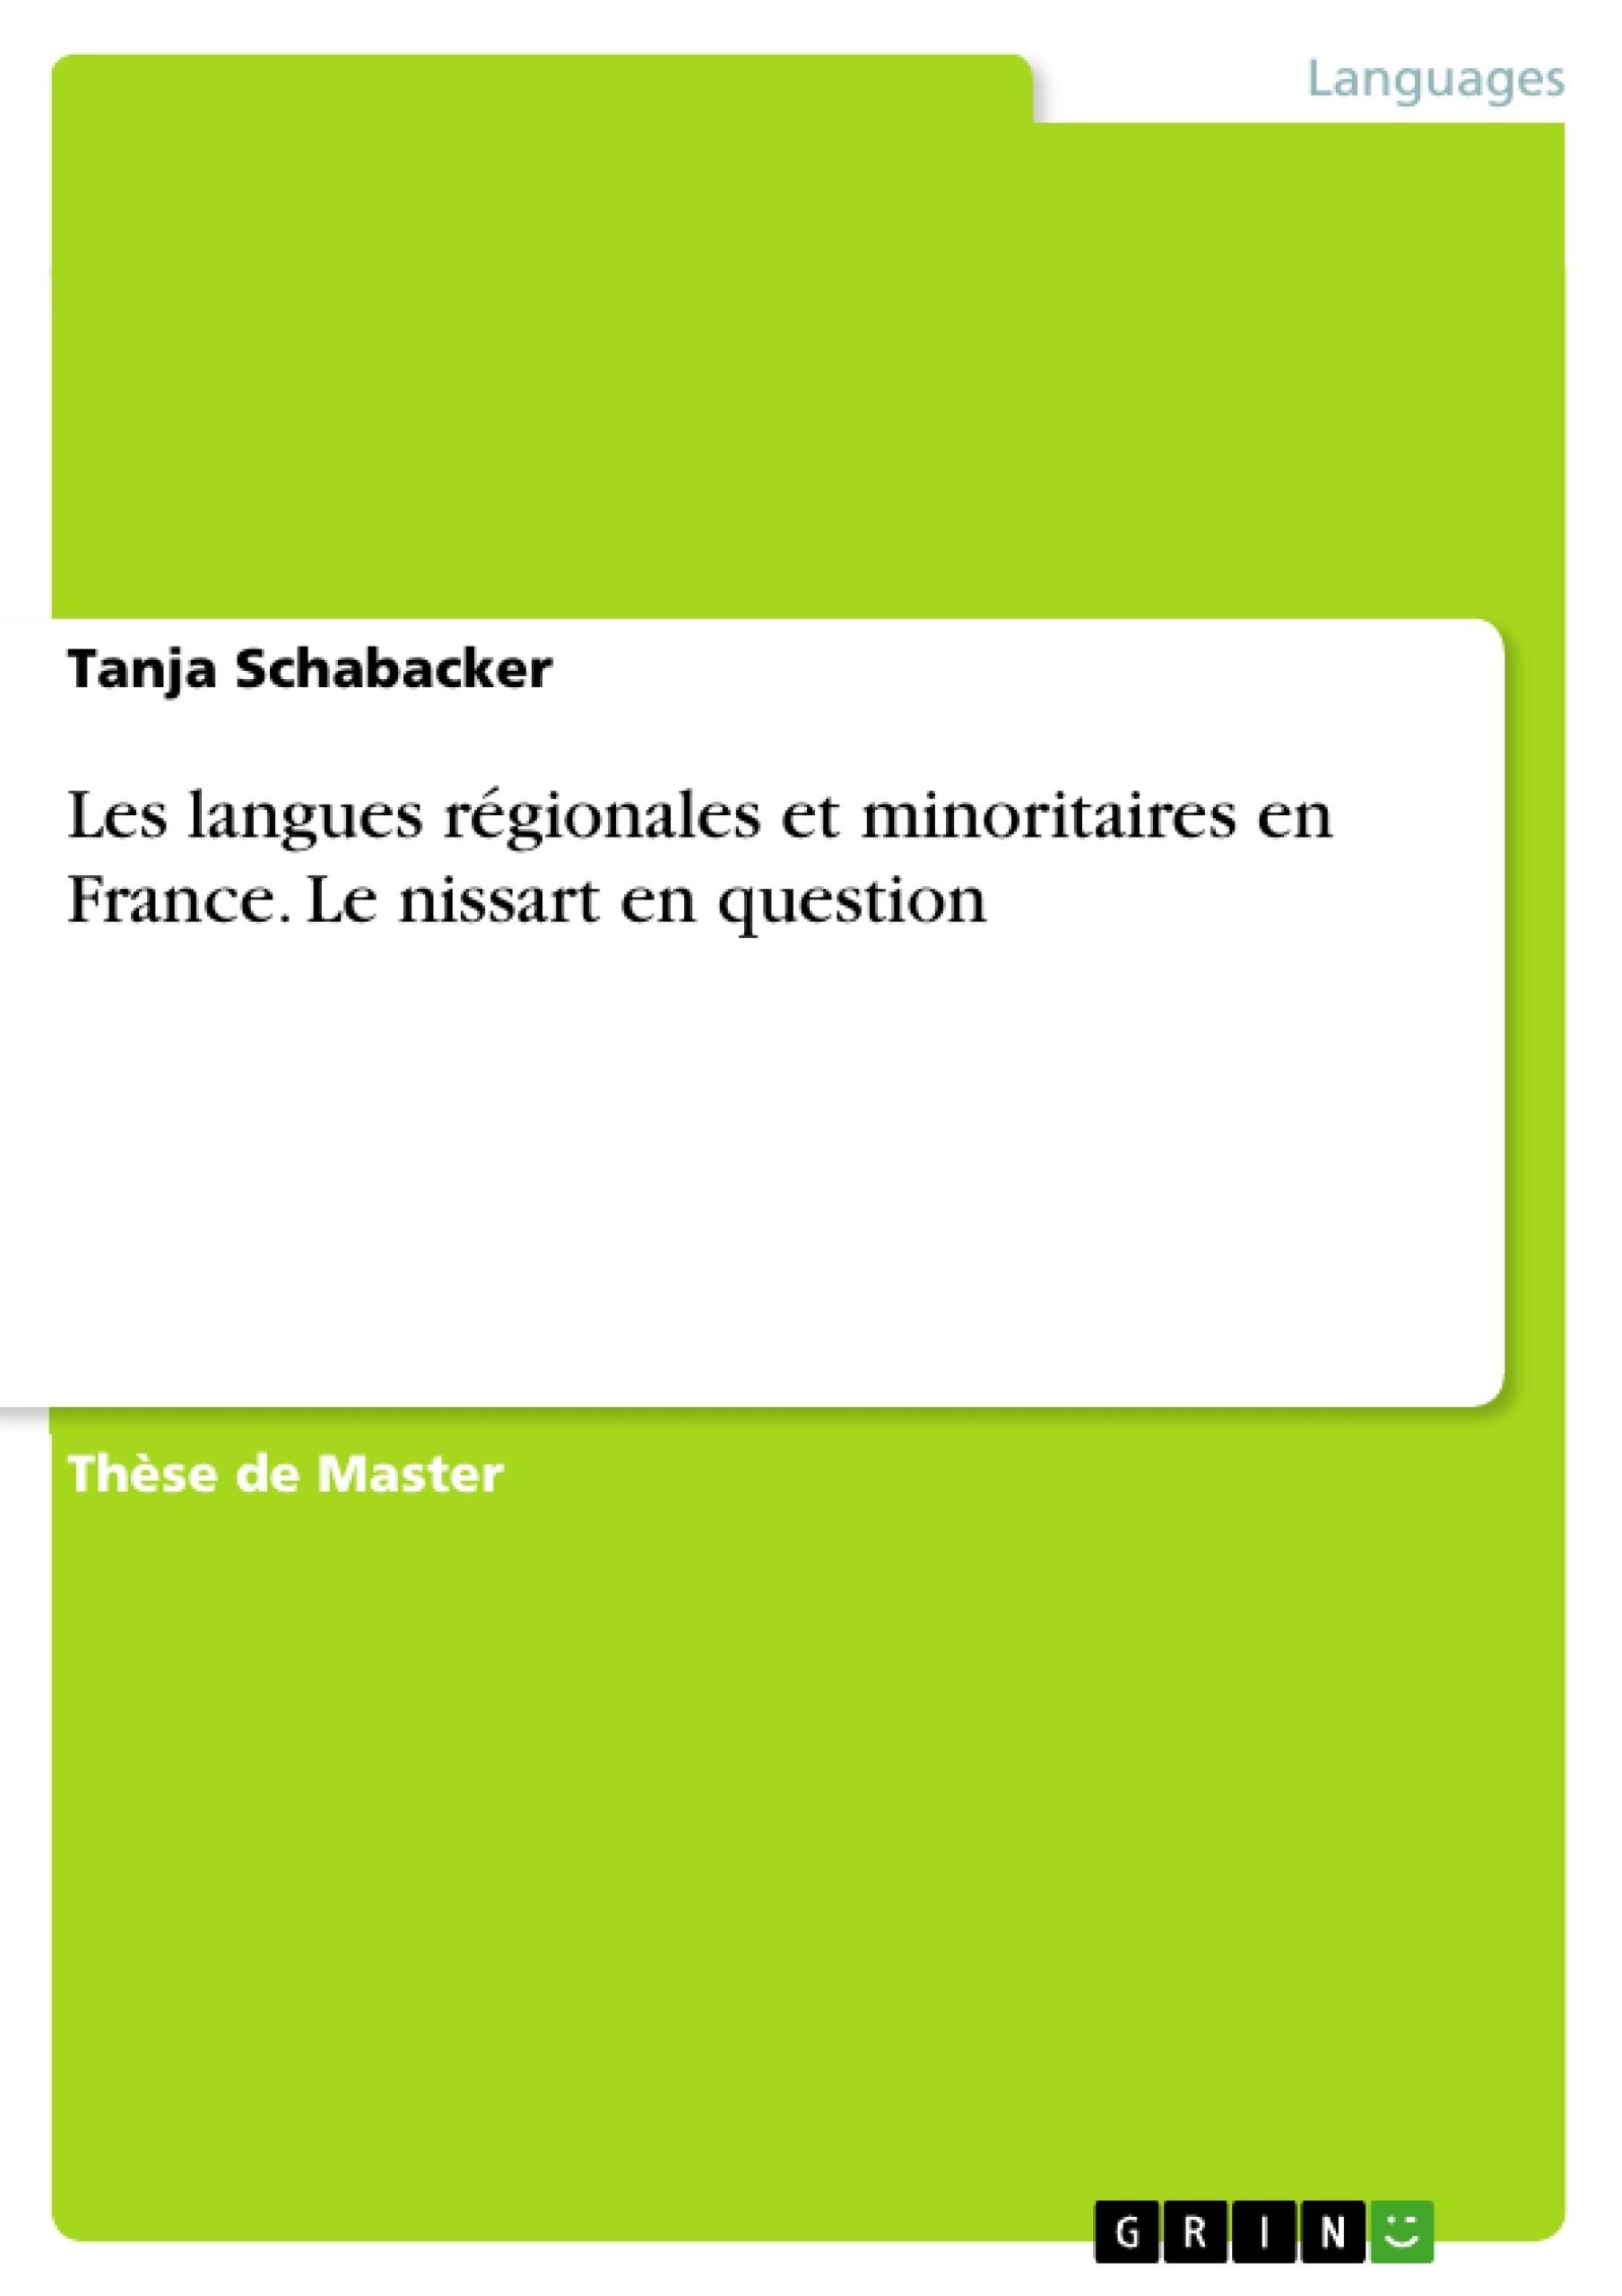 Titre: Les langues régionales et minoritaires en France. Le nissart en question